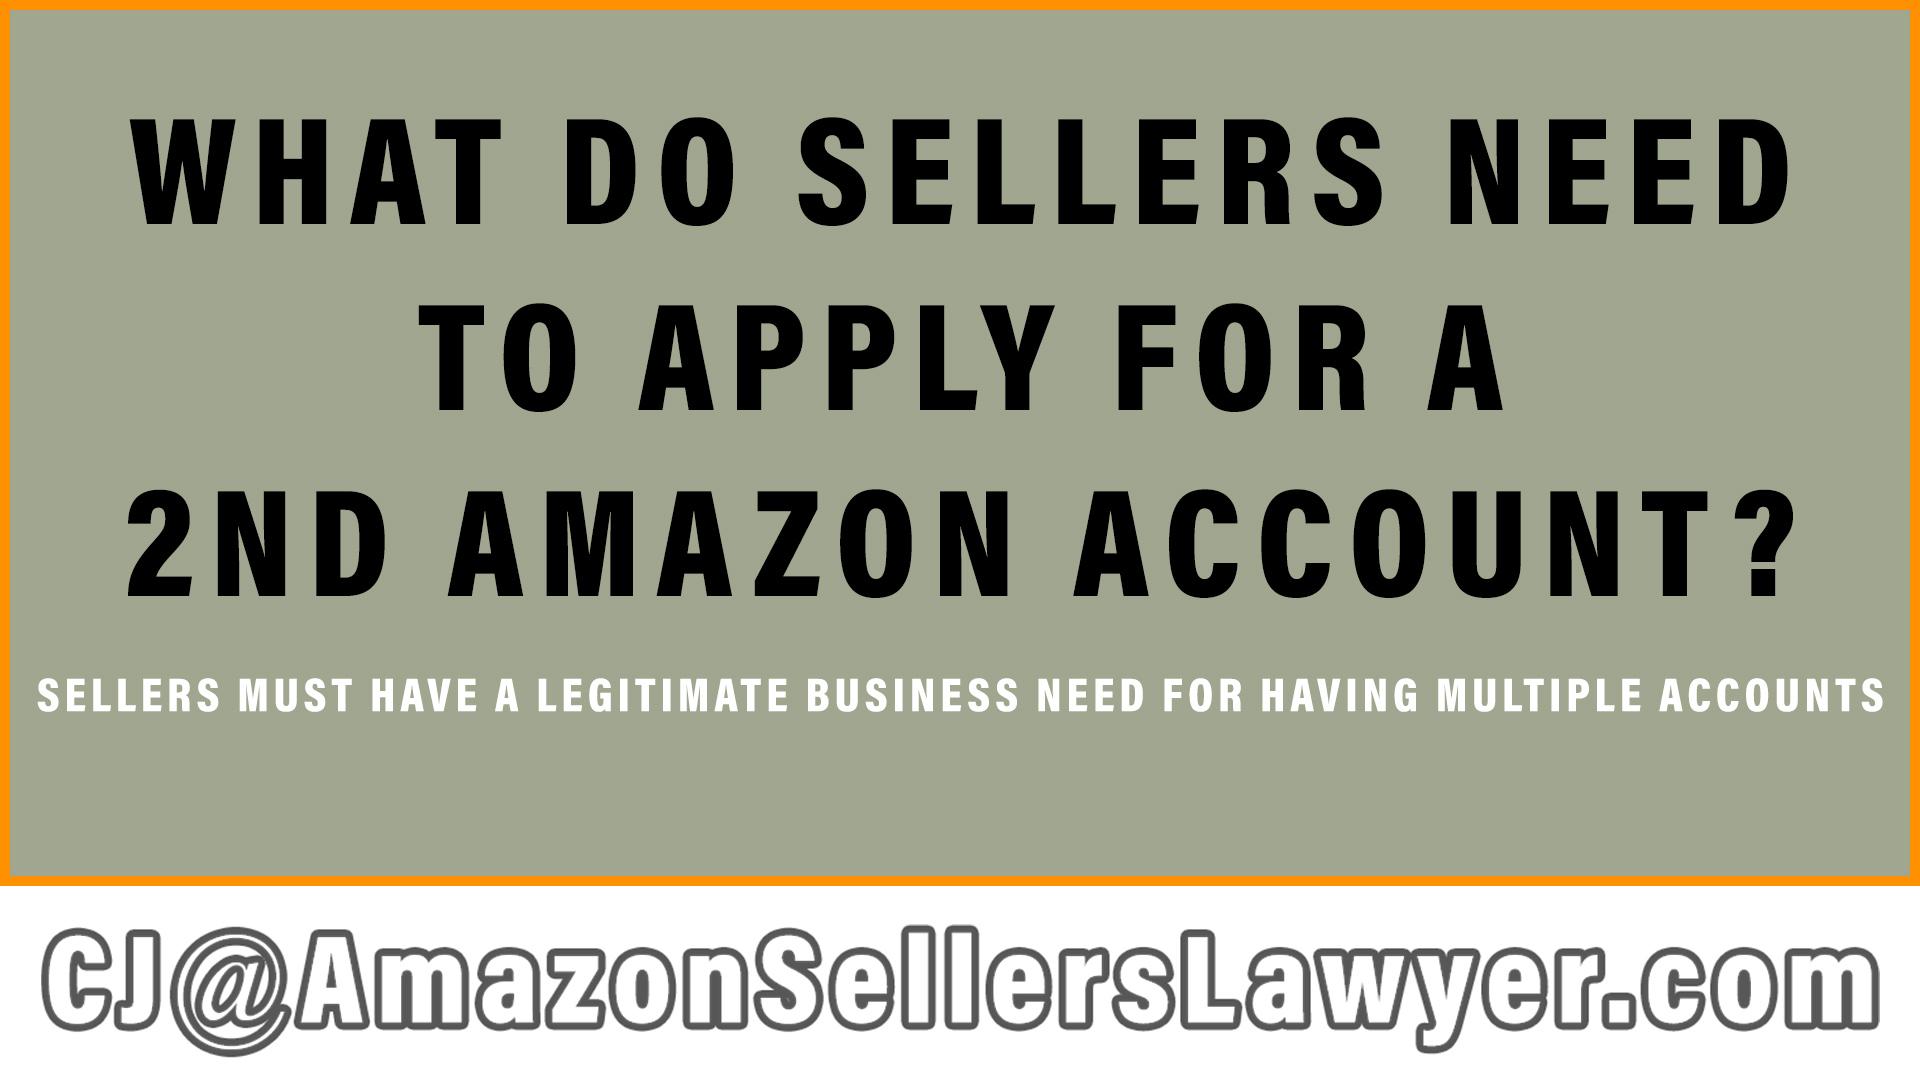 second Amazon account